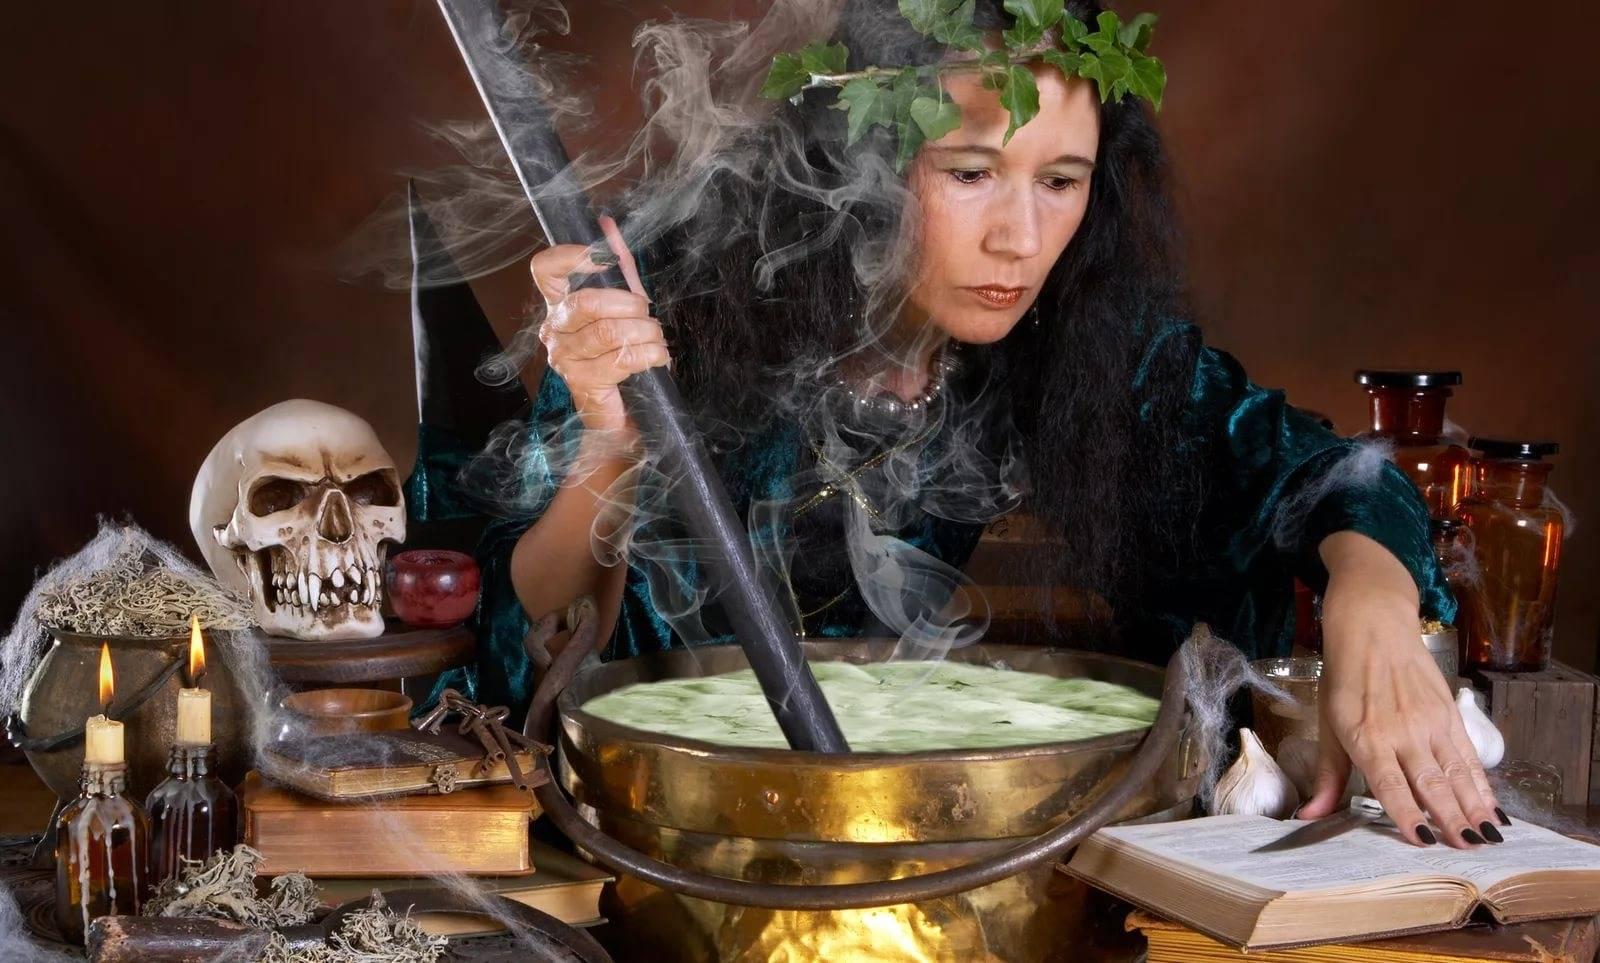 Как стать чародейкой или колдуньей в реальной жизни?